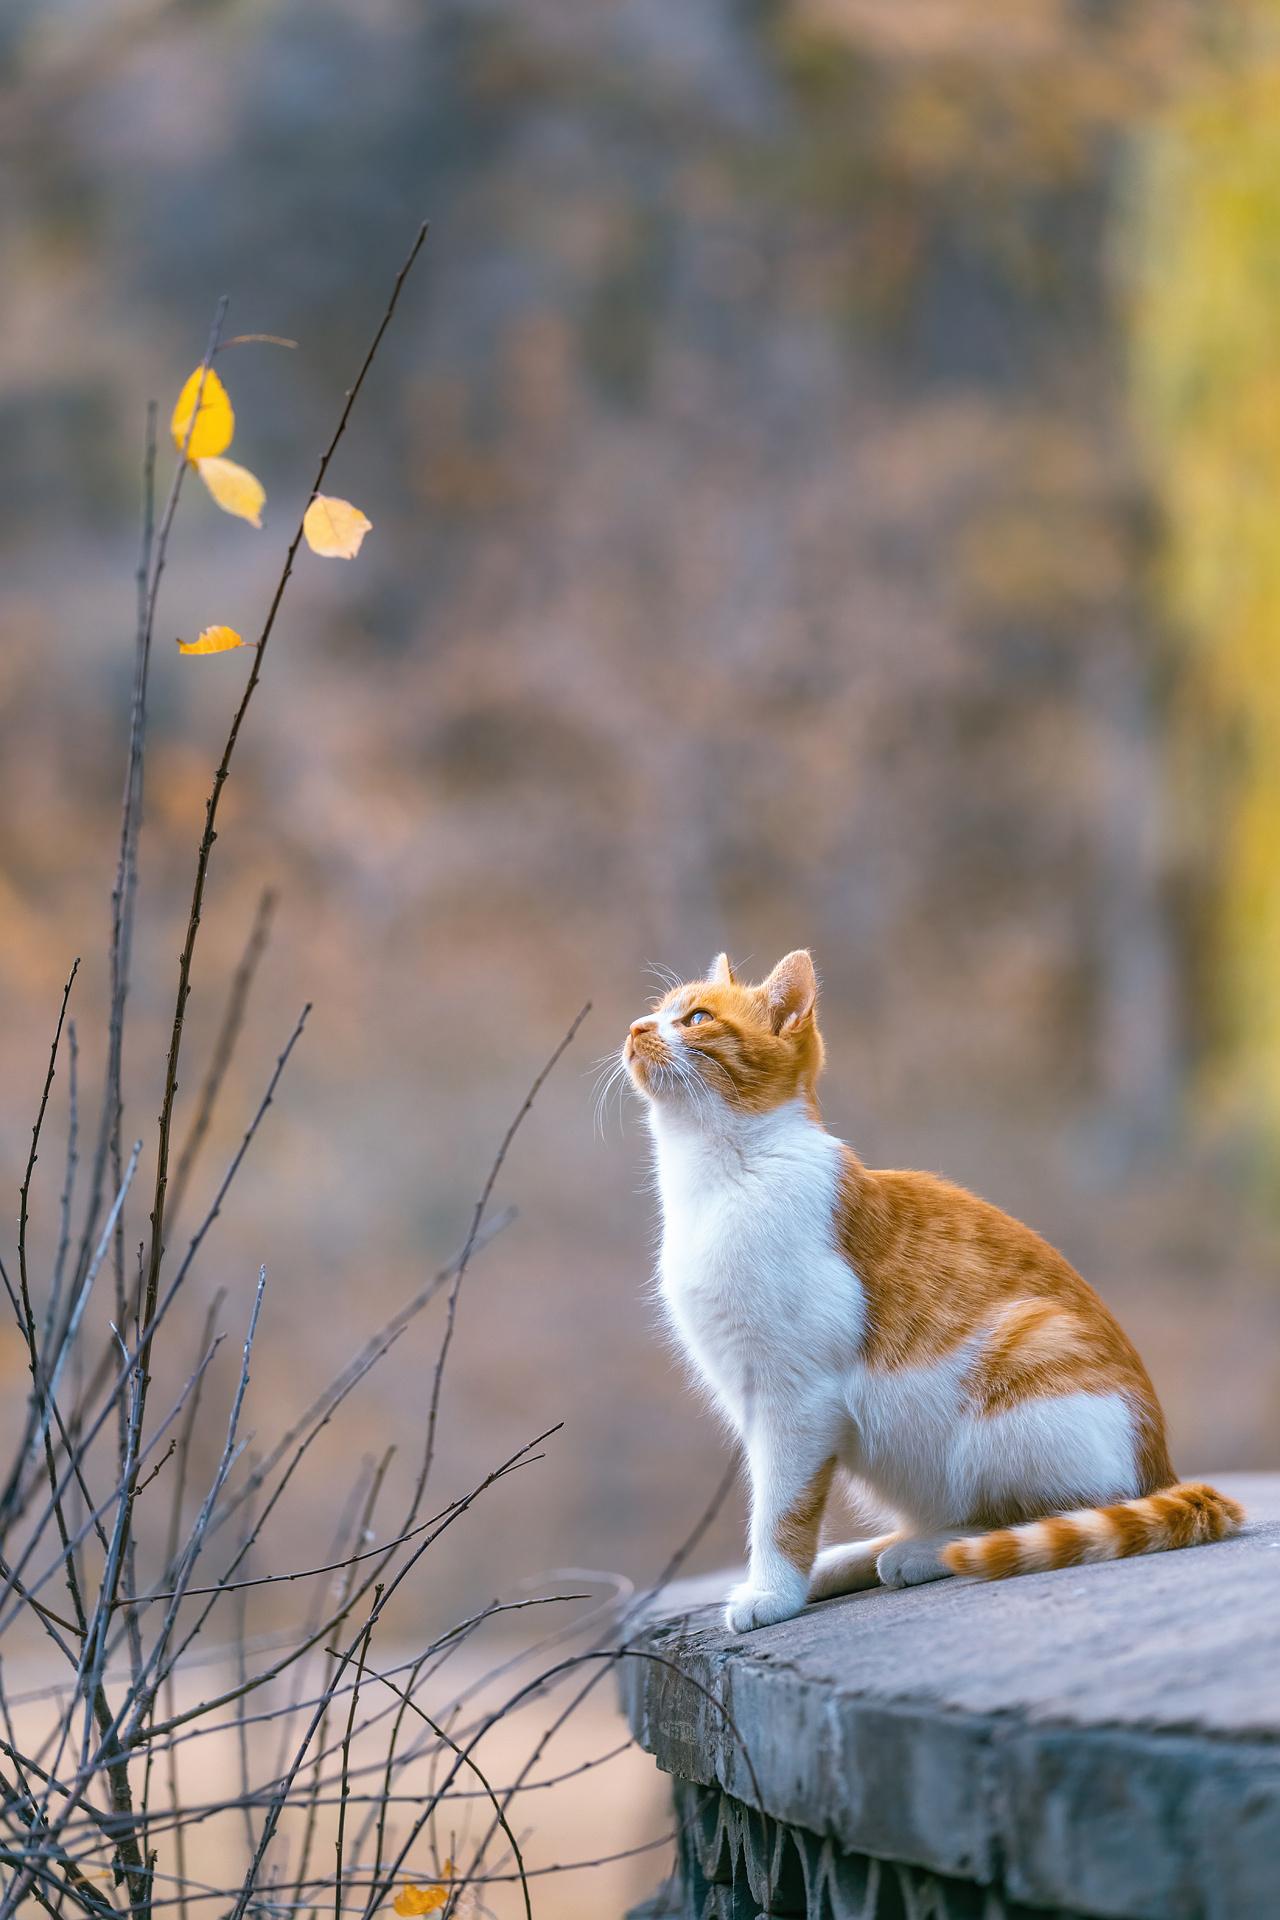 比秋色更美的是,当秋色遇见猫摄影:@喵呜不停